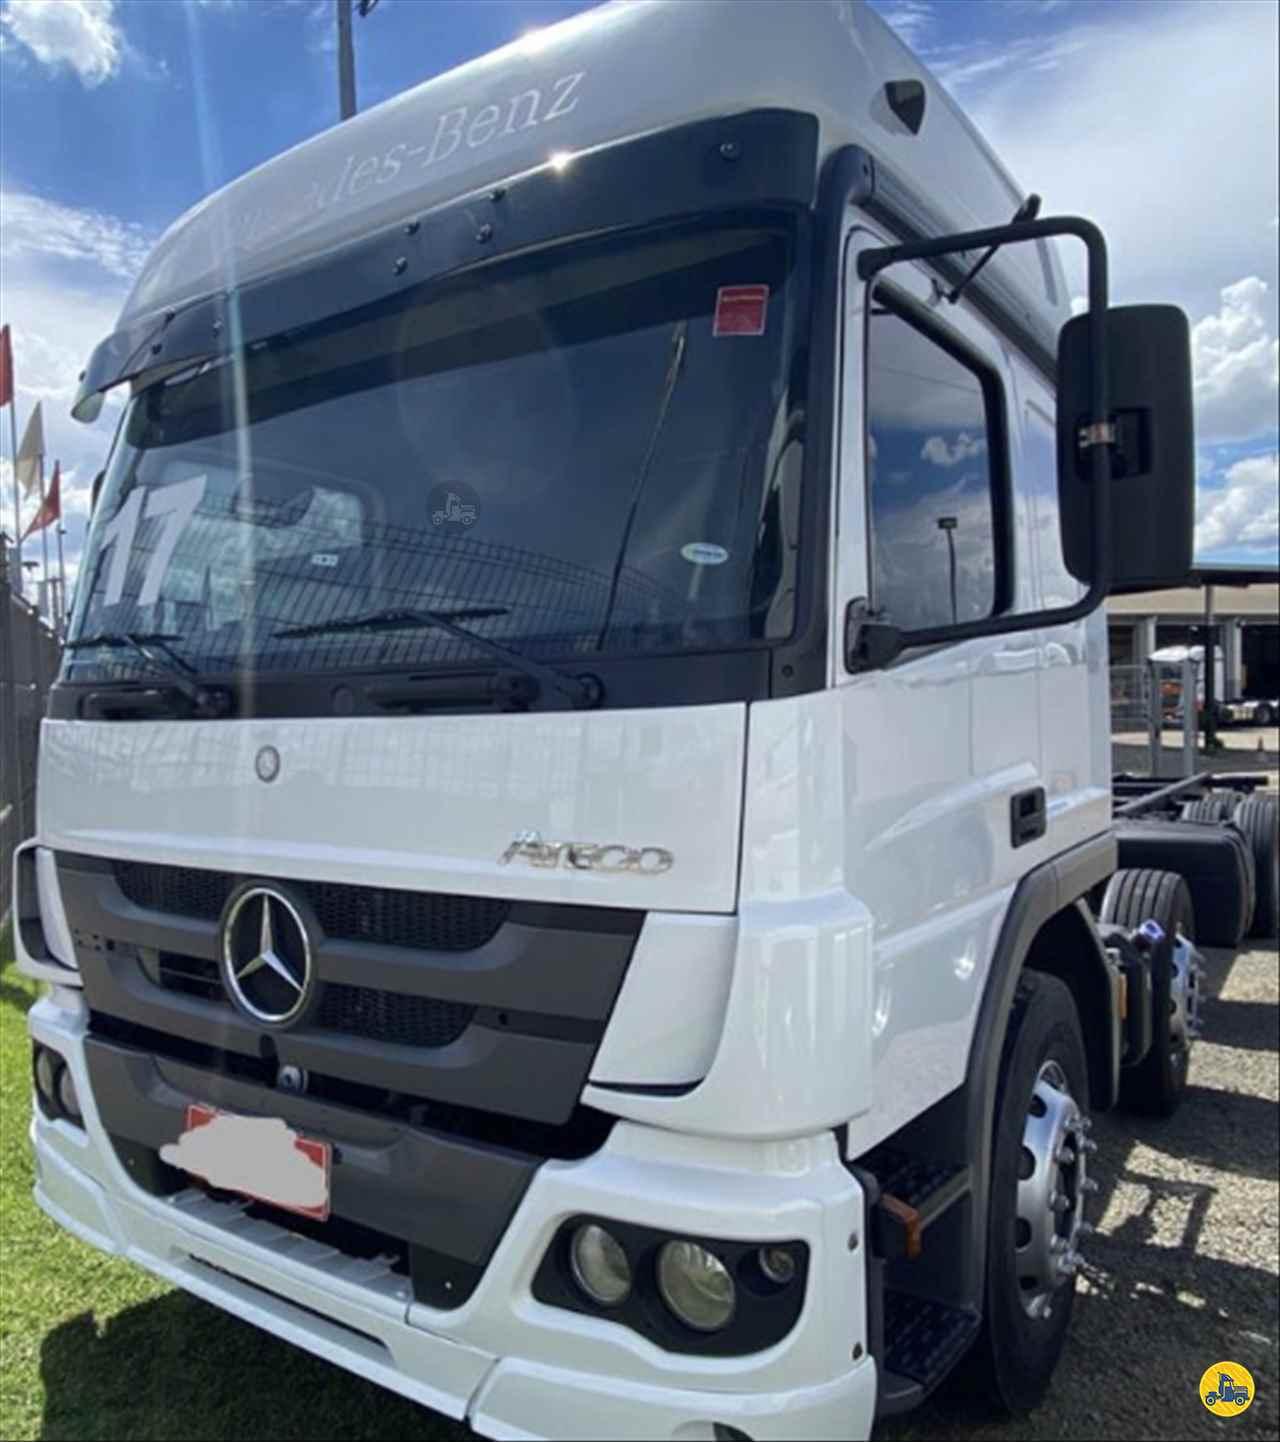 CAMINHAO MERCEDES-BENZ MB 3030 Chassis BiTruck 8x2 LS 7 Caminhões LIMEIRA SÃO PAULO SP